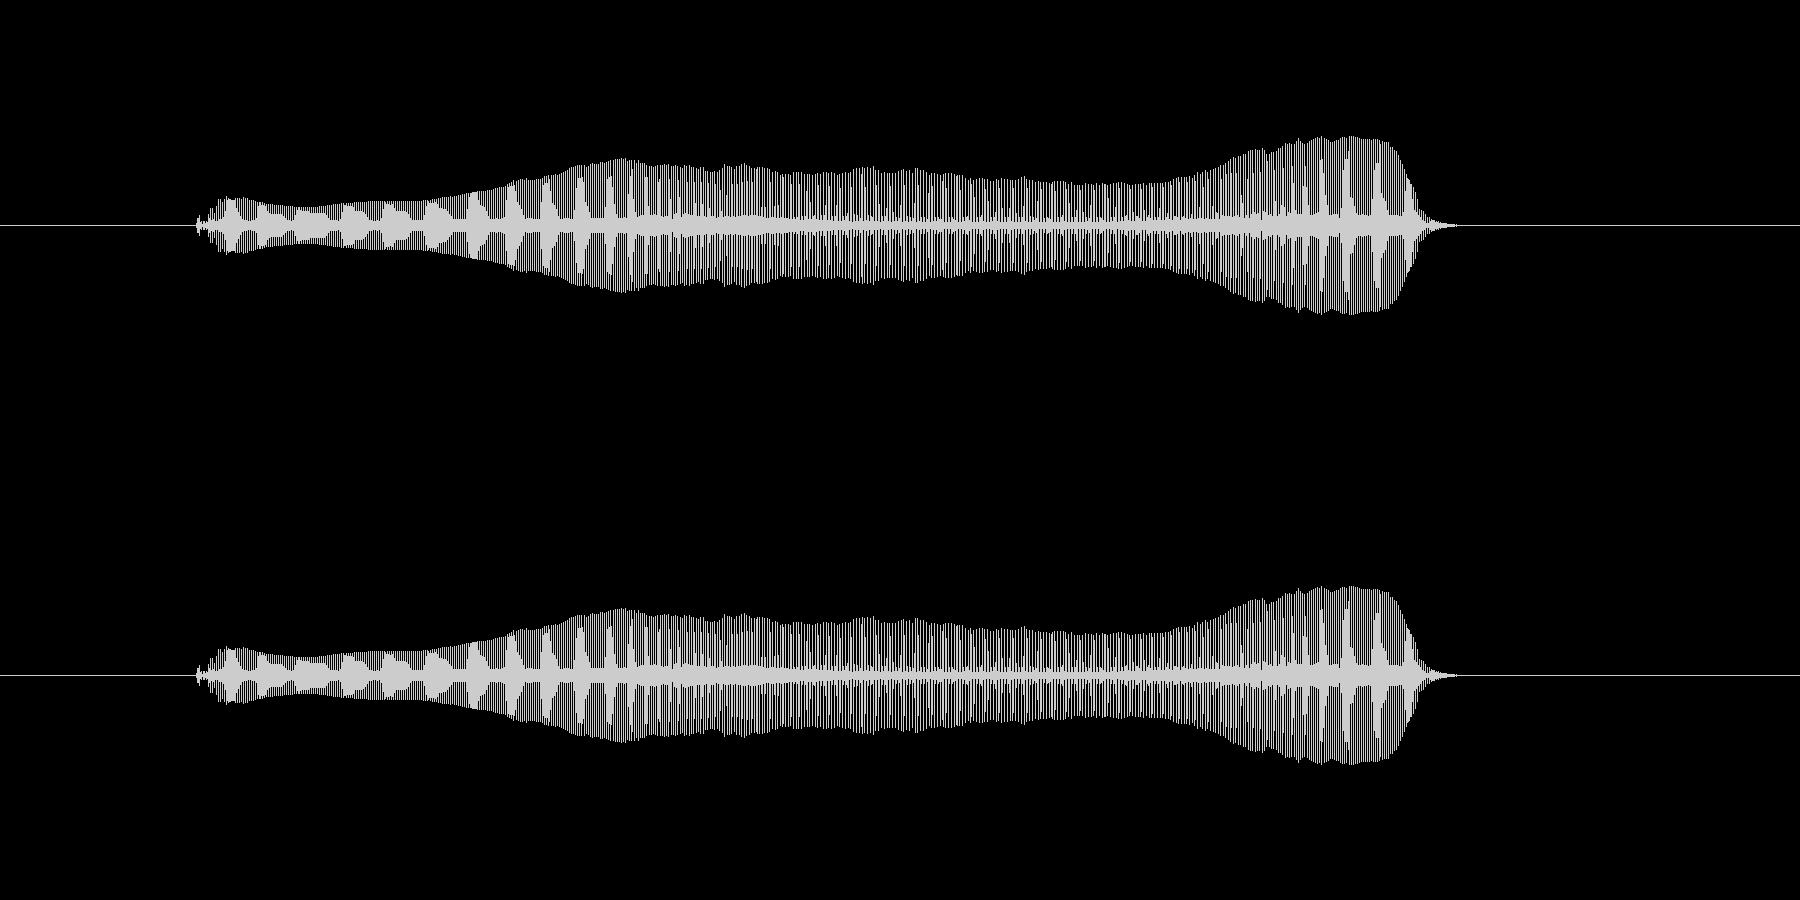 トロンボーンあるあるフレーズBPM100の未再生の波形